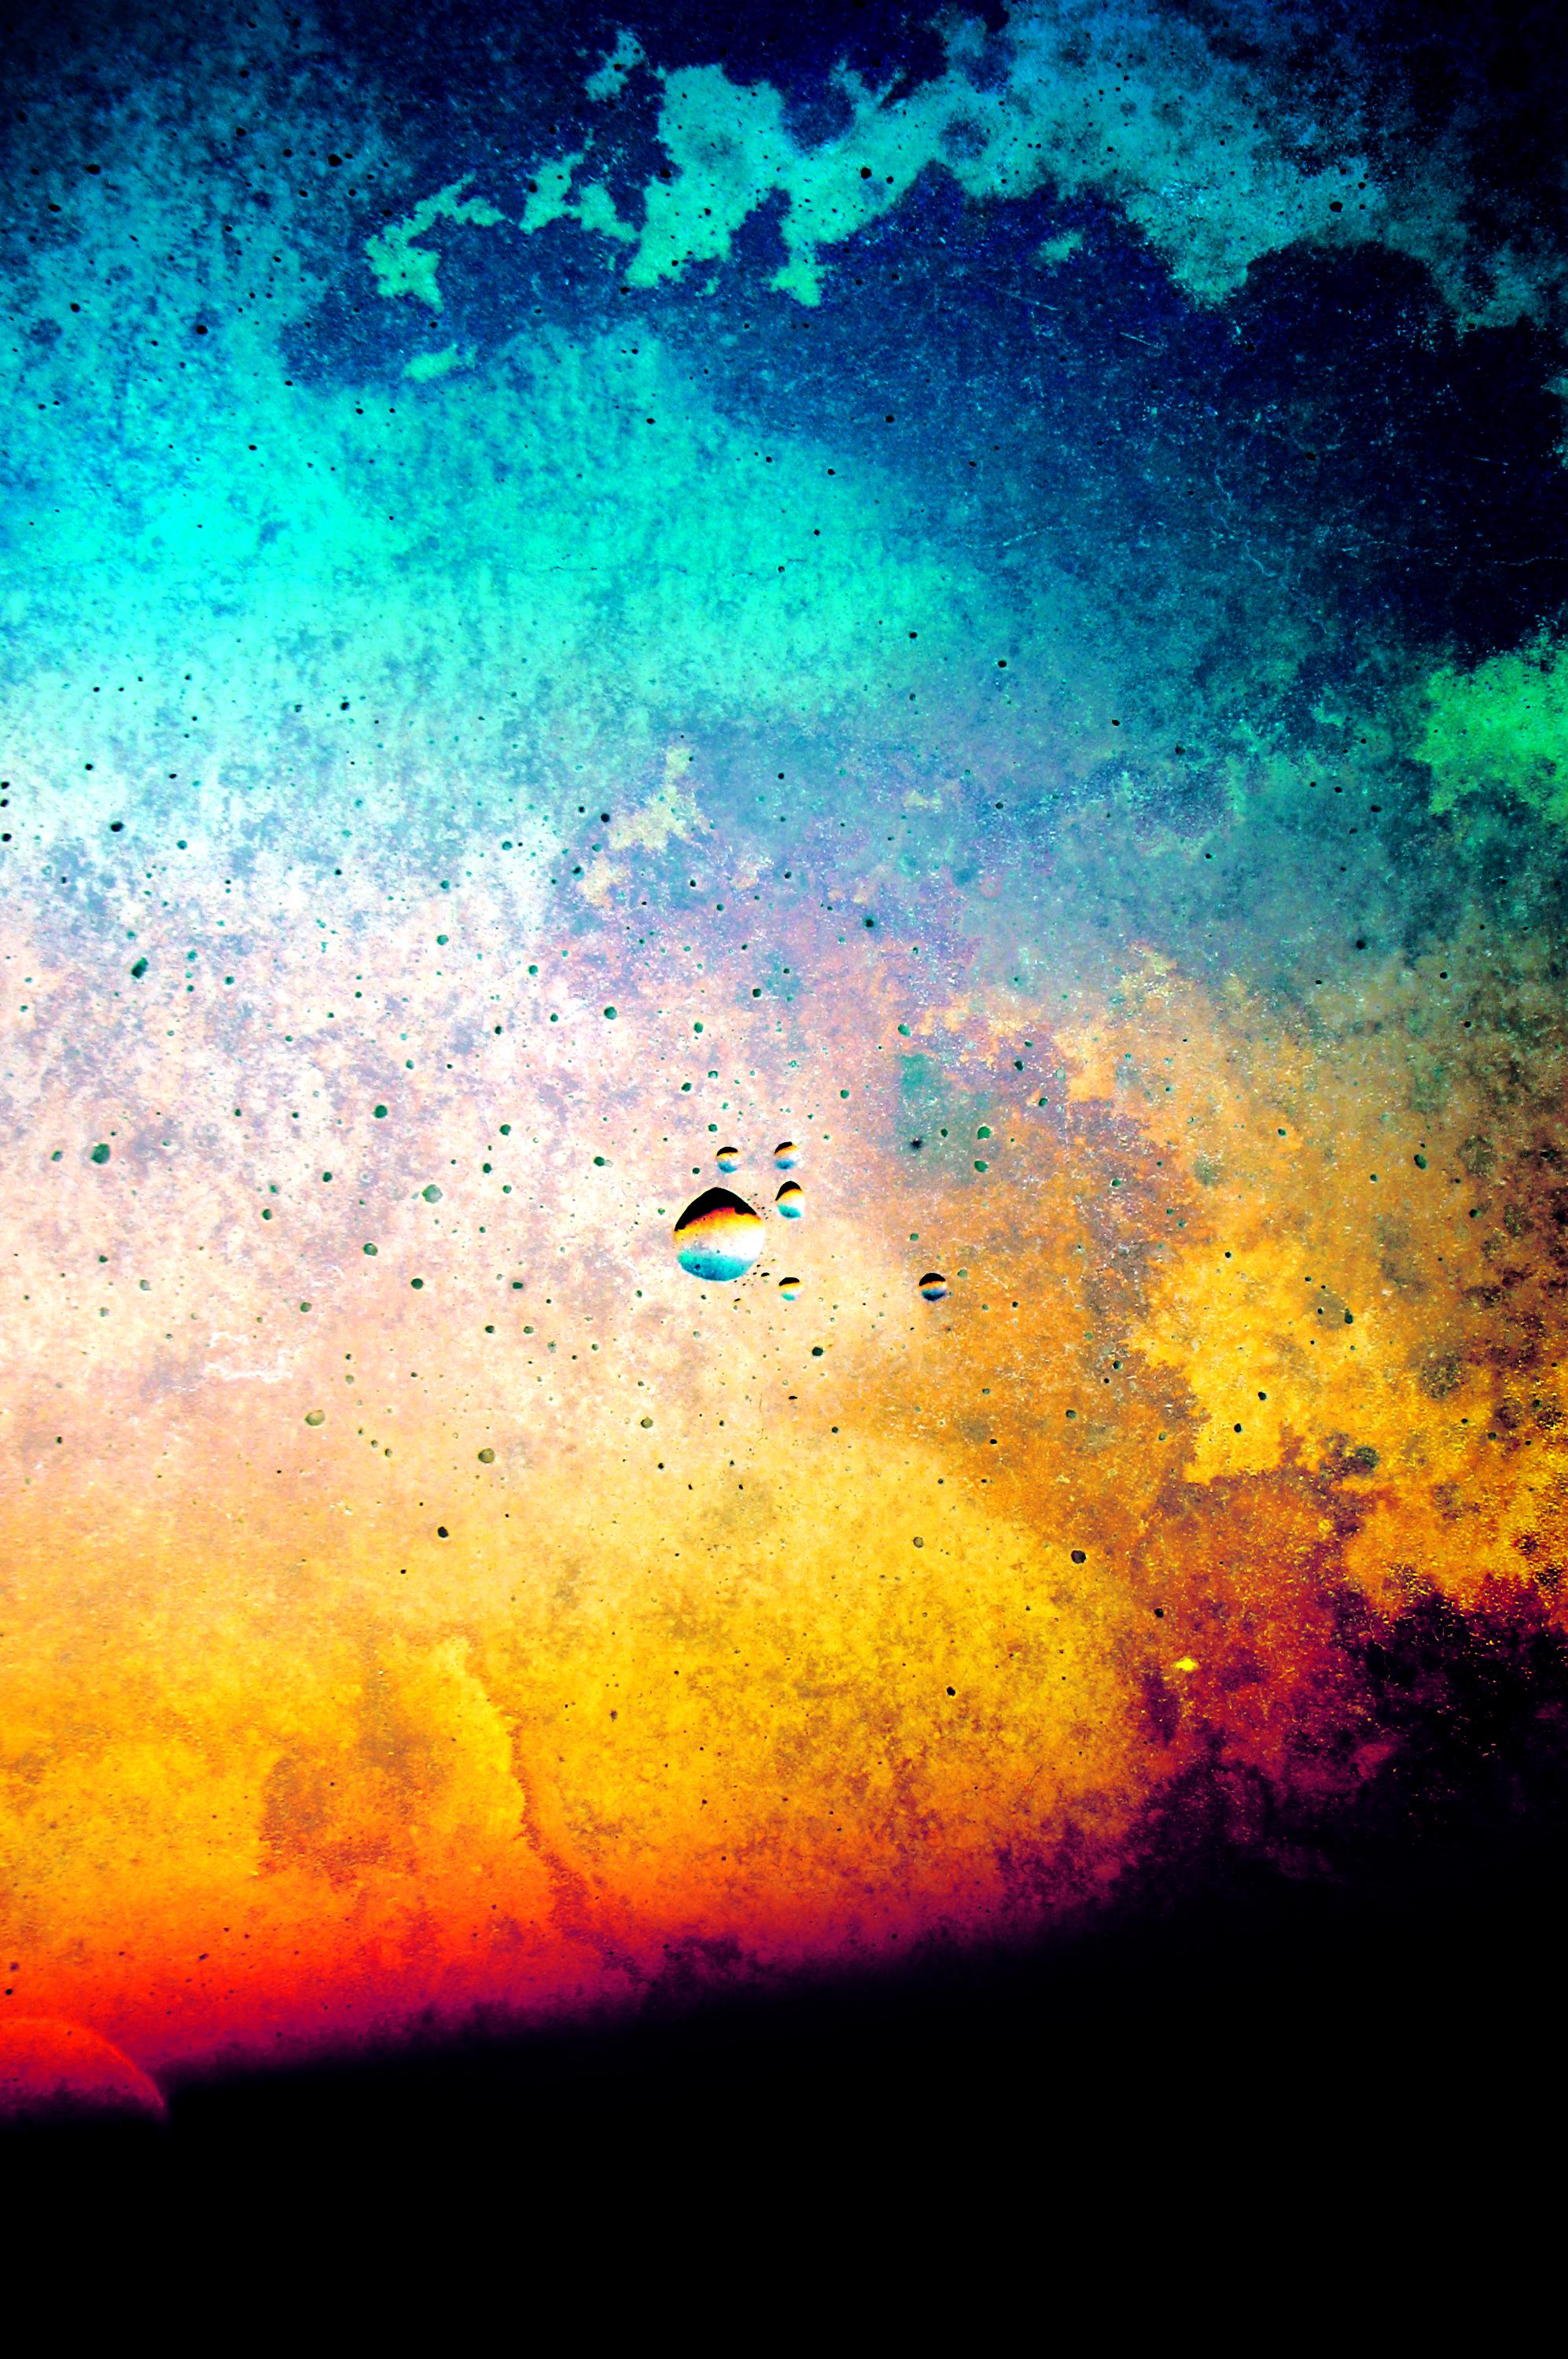 teardrop from heaven1.jpg